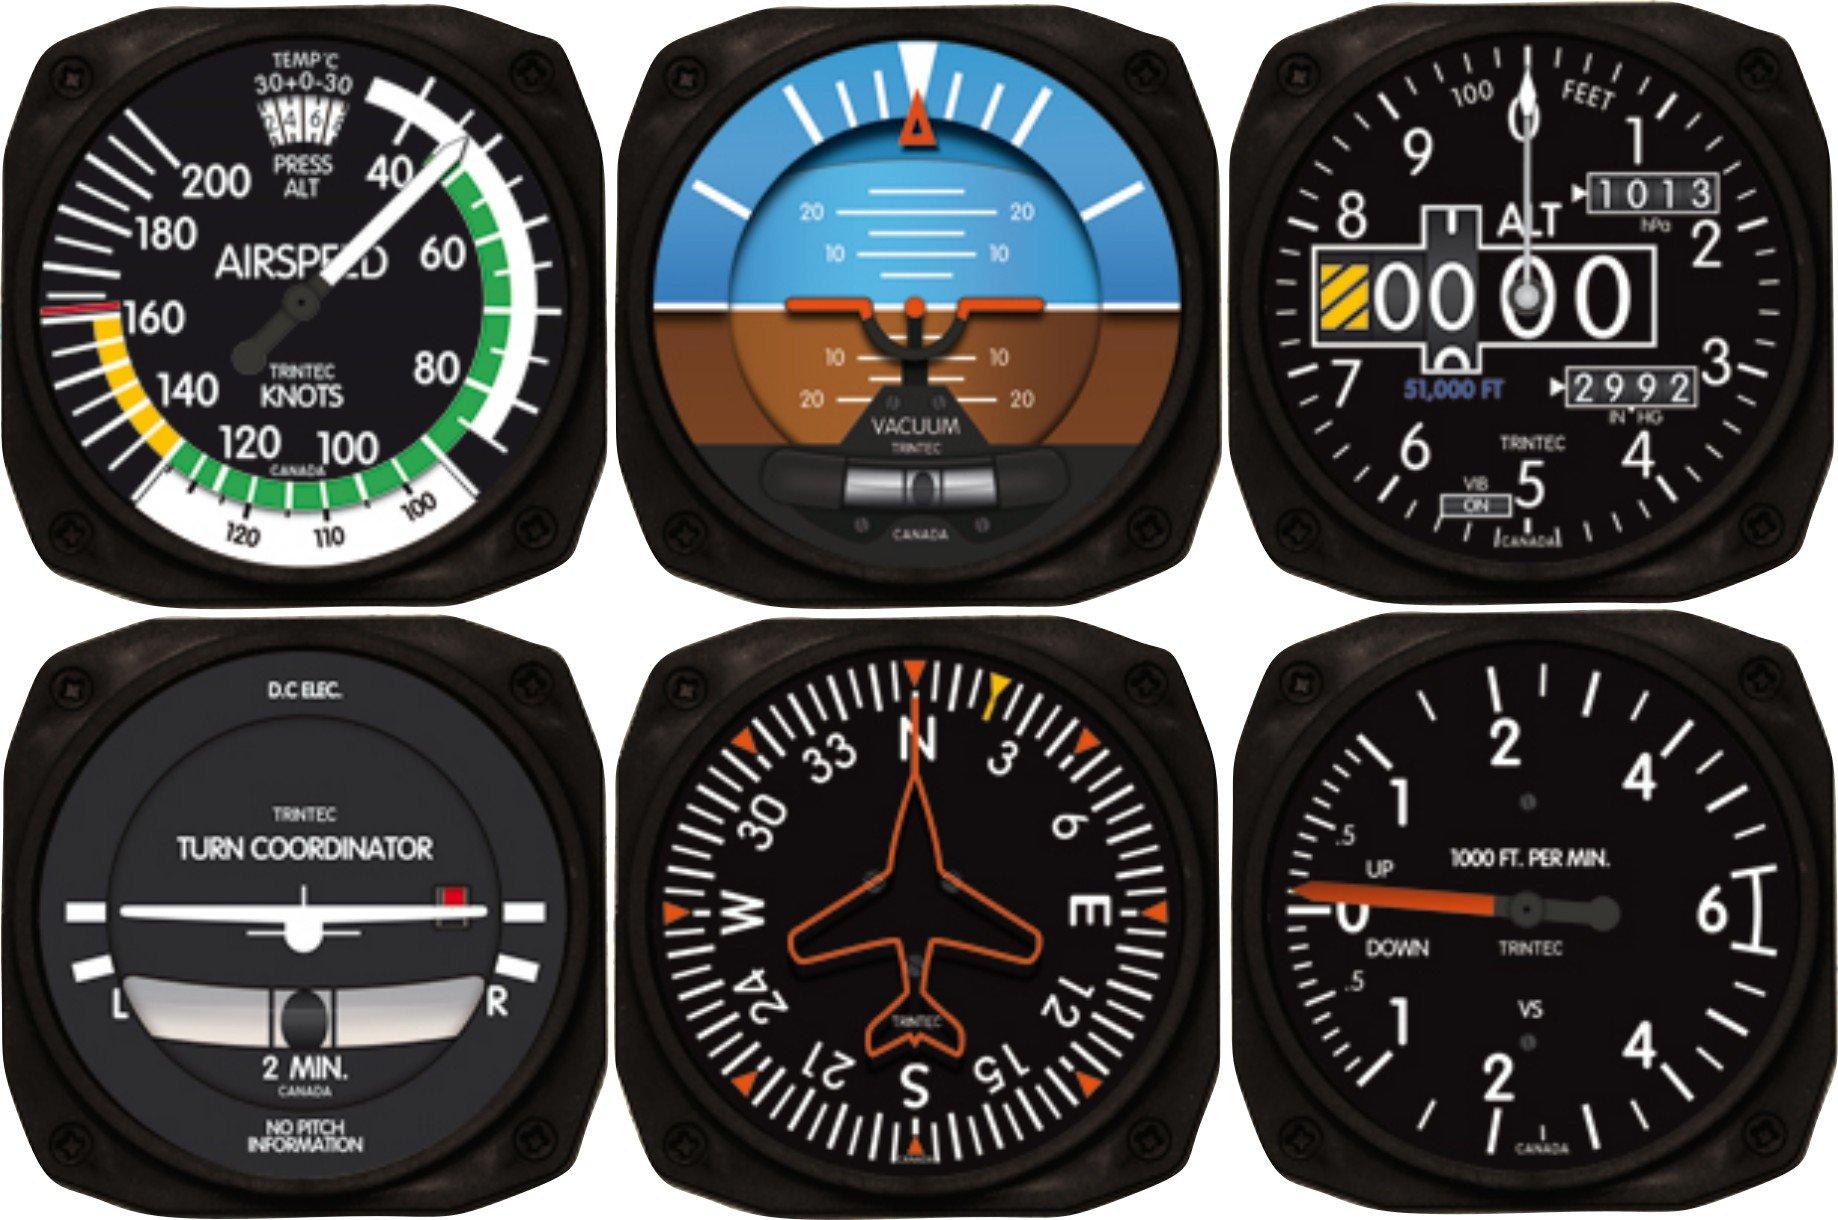 Standard aircraft instruments